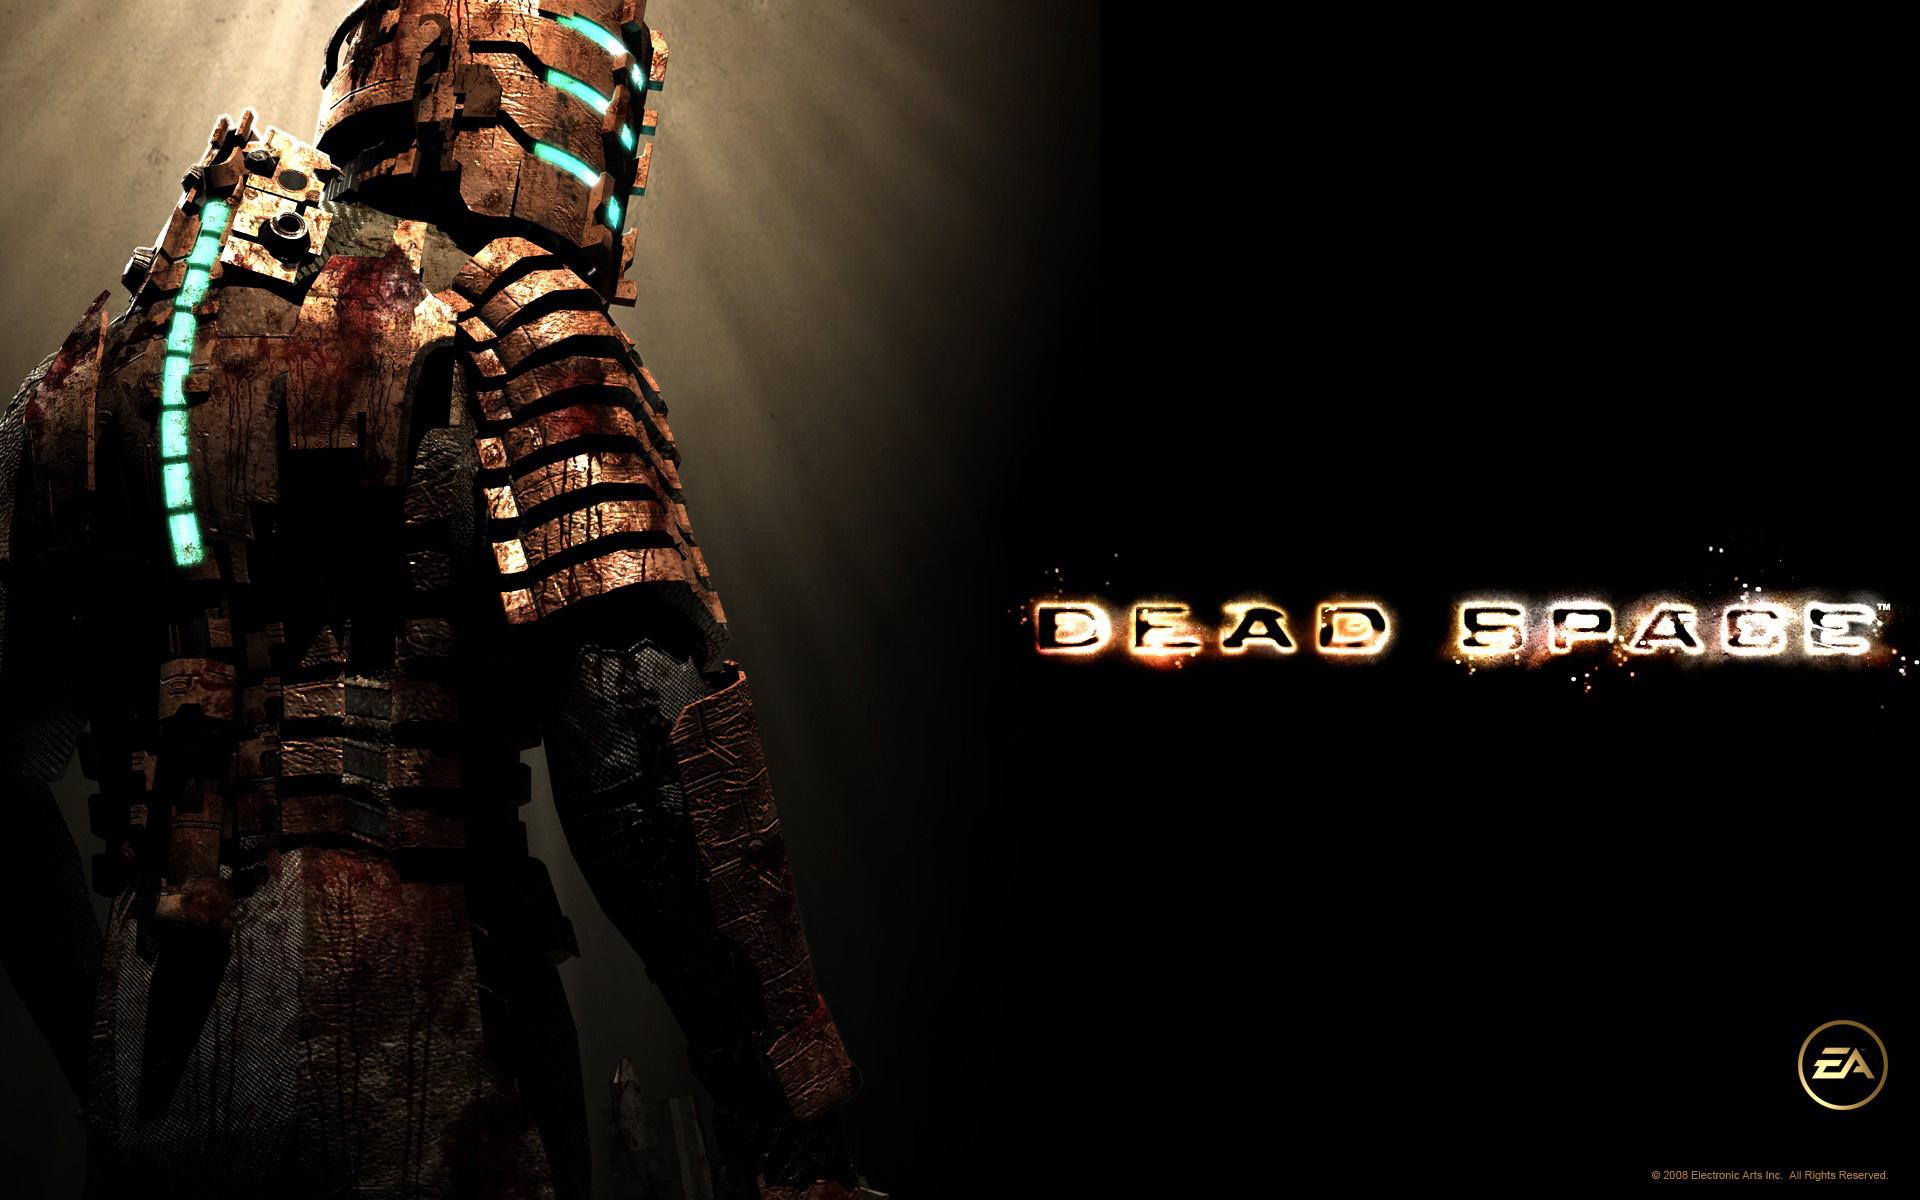 Dead space wallpaper pack file mod db - Dead space 1 wallpaper hd ...